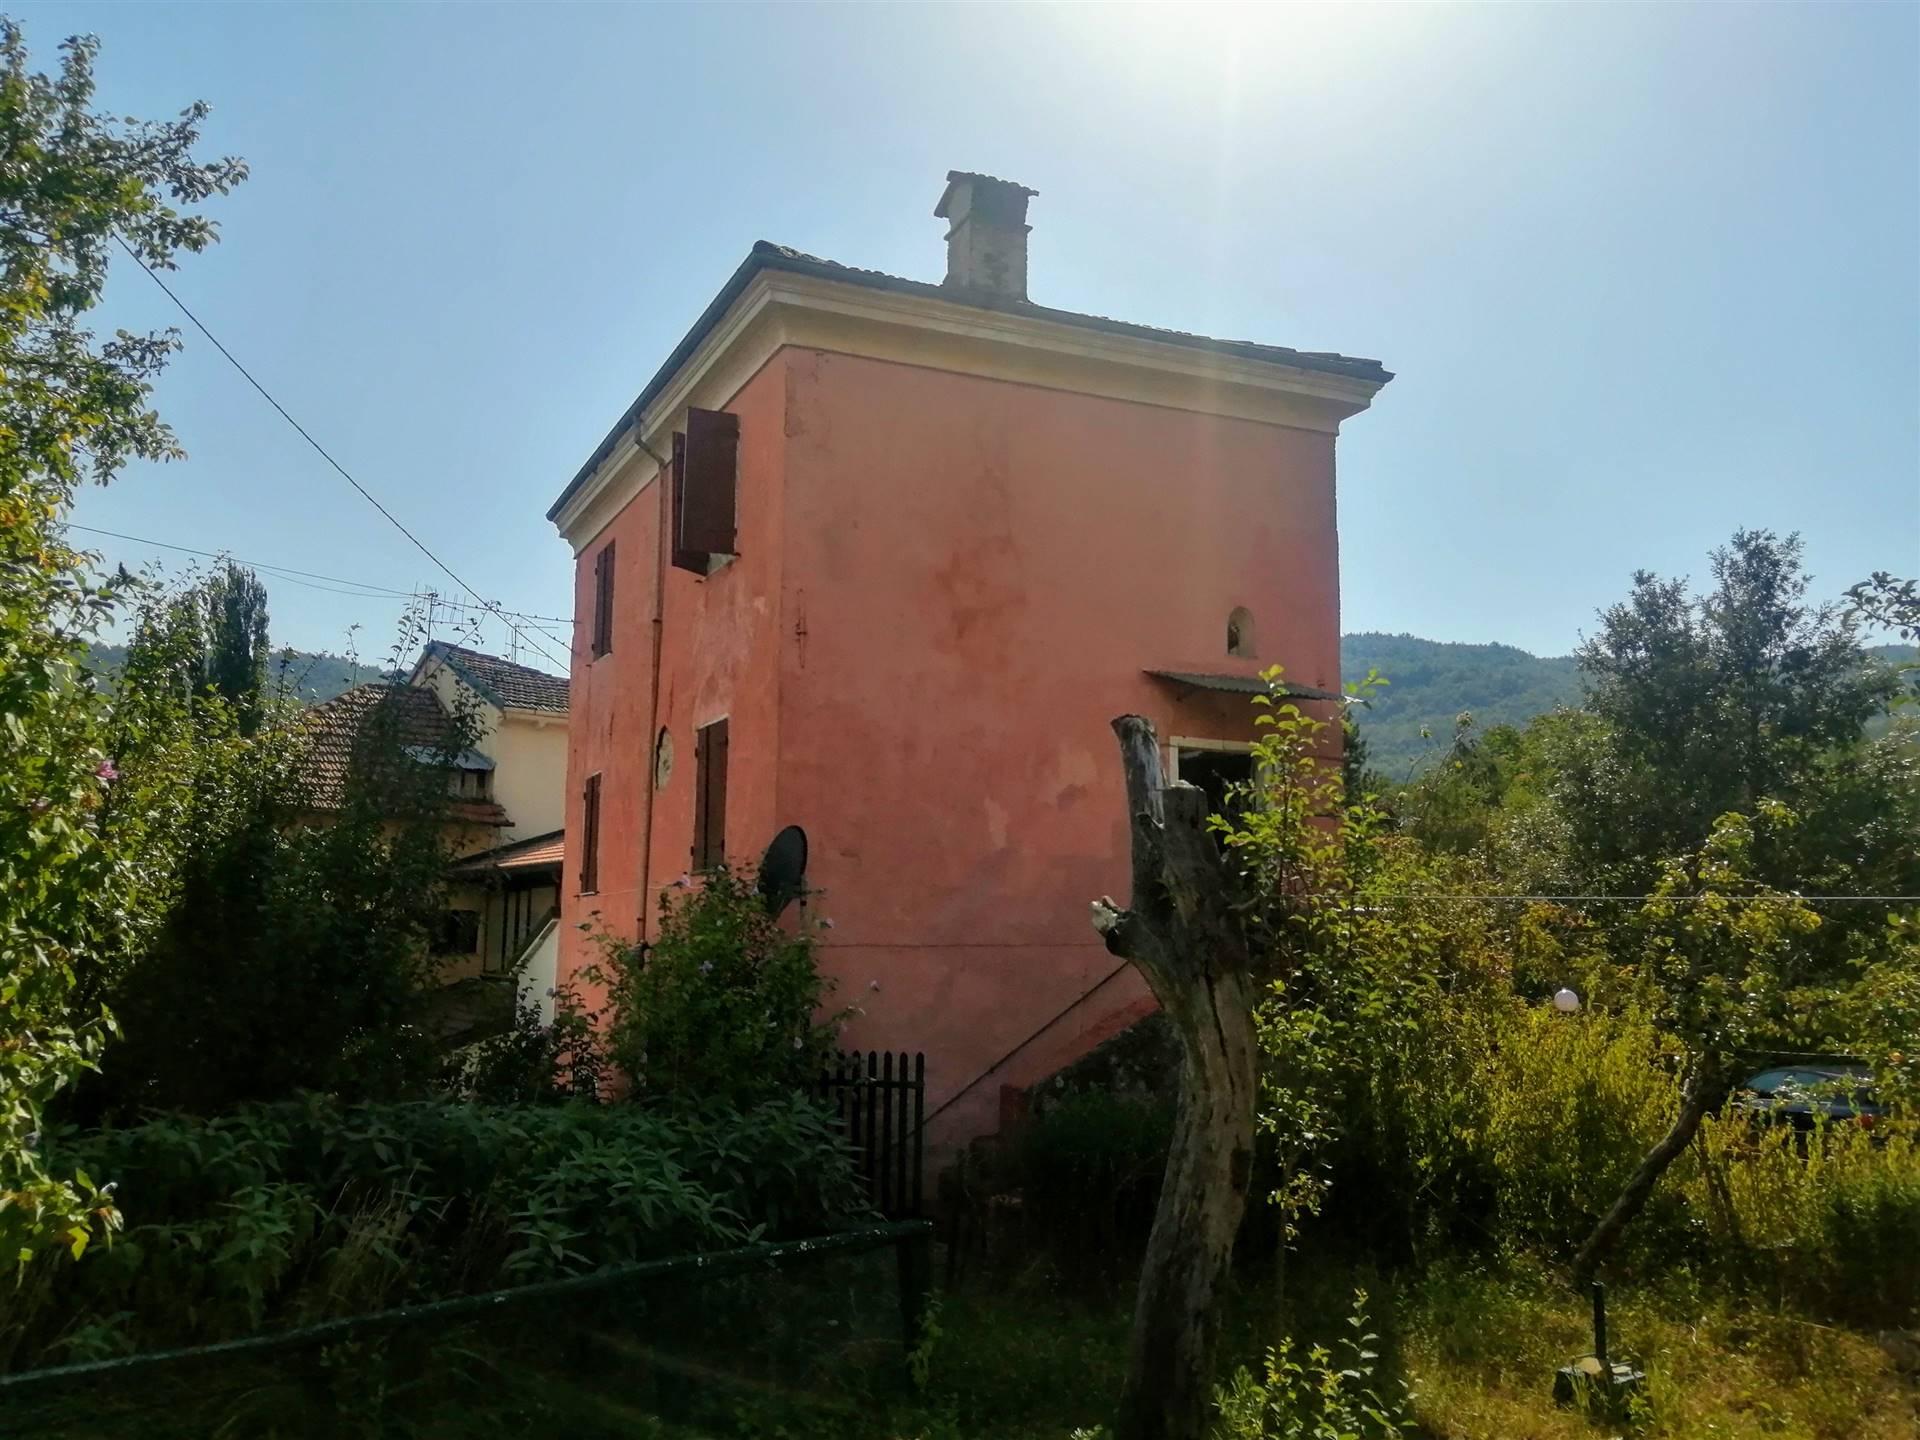 Soluzione Semindipendente in vendita a Cabella Ligure, 6 locali, prezzo € 59.000 | PortaleAgenzieImmobiliari.it